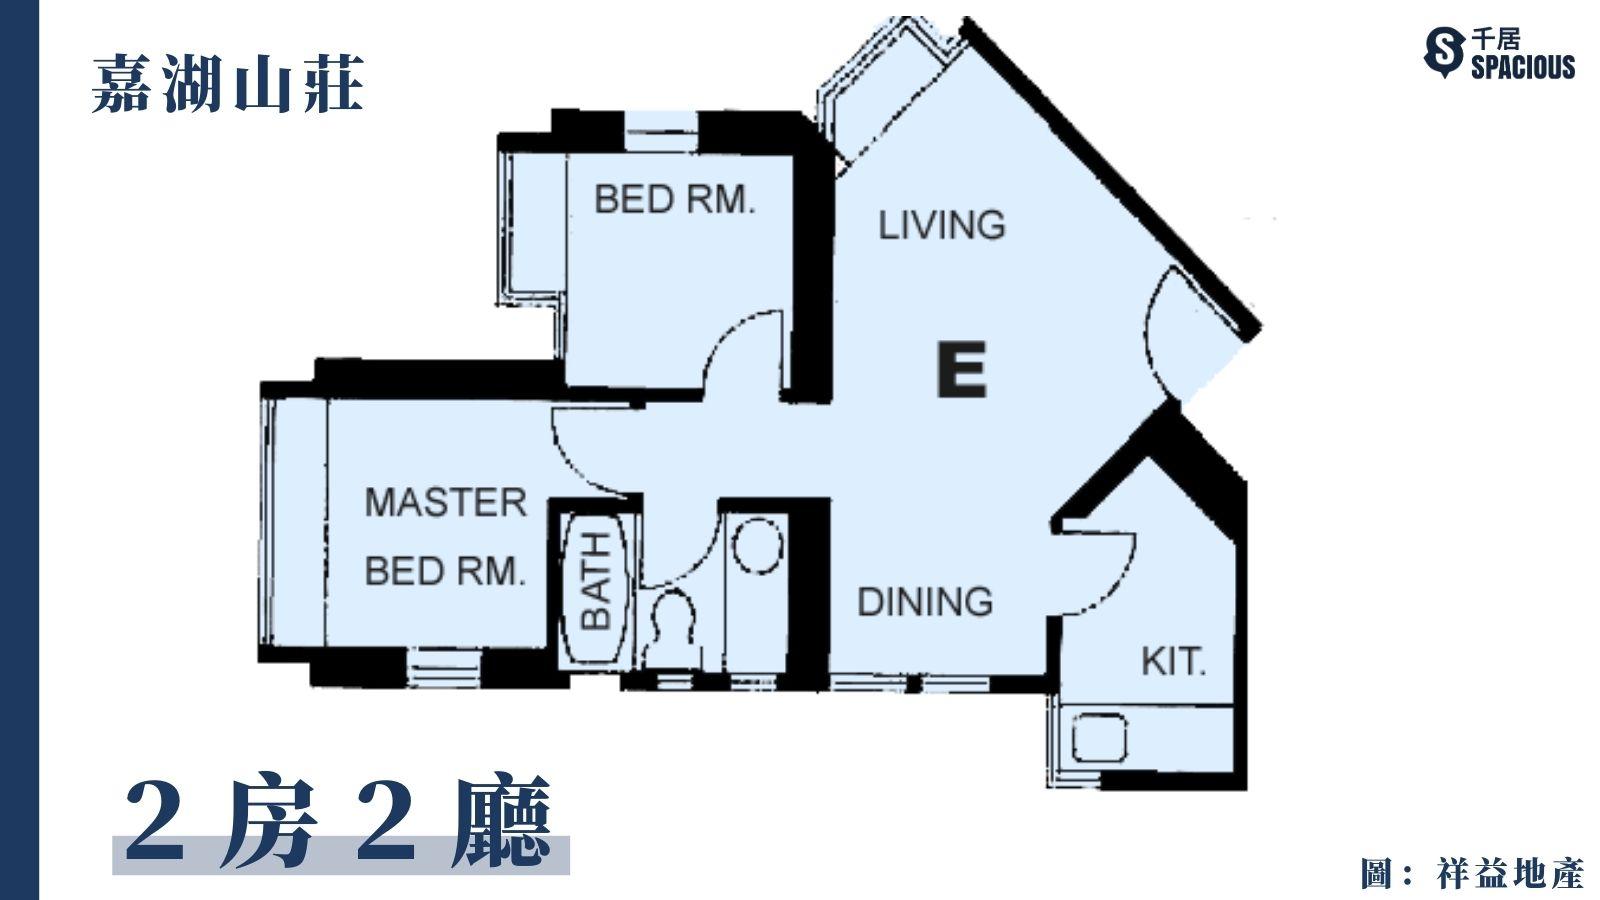 嘉湖山莊-2房2廳平面圖